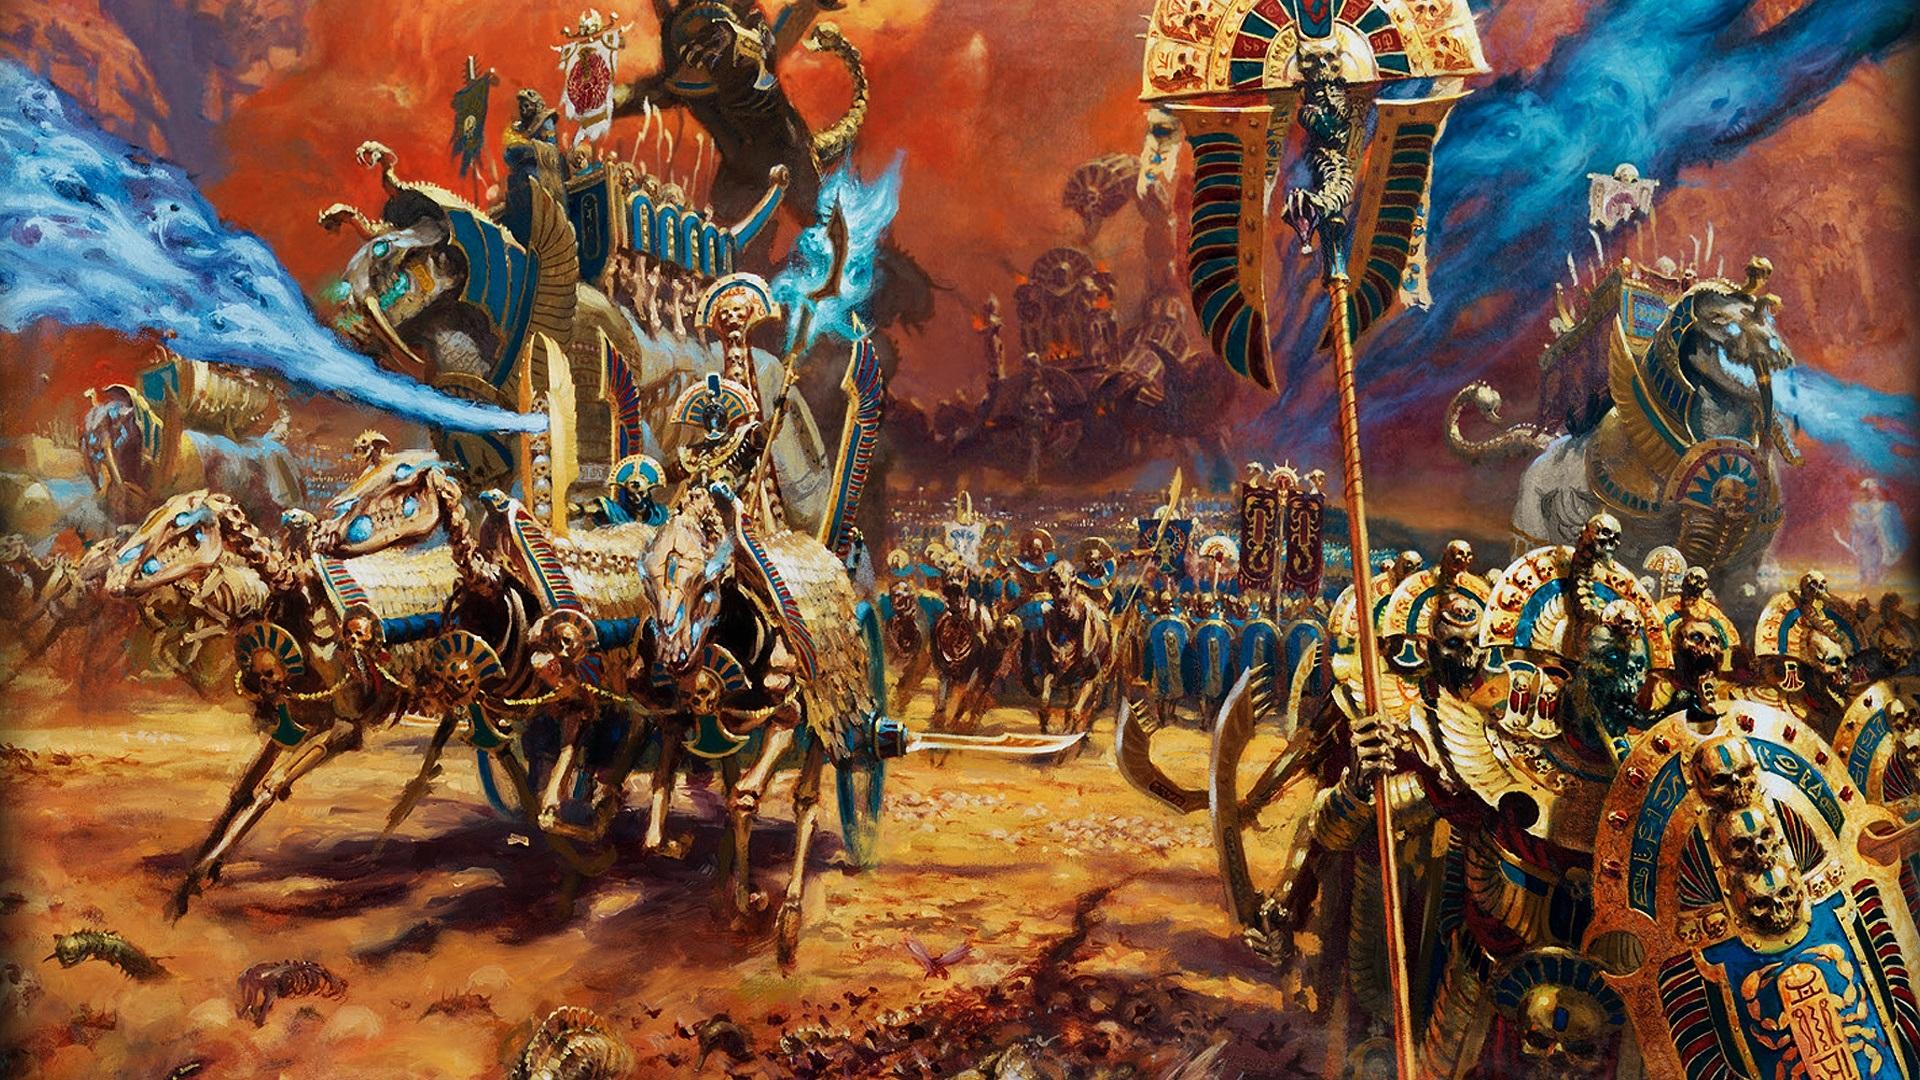 Wallpaper Total War: Warhammer II 1920x1080 Full HD